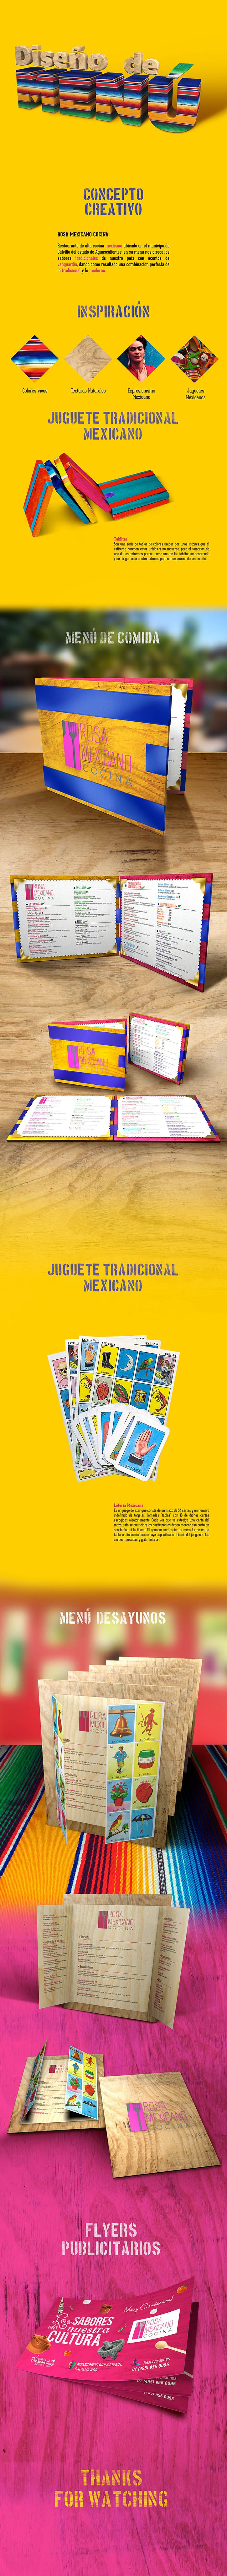 Menú Design. #mexican #comida mexicana #calvillo #aguascalientes #restaurante #mexicano #eñe #diseño